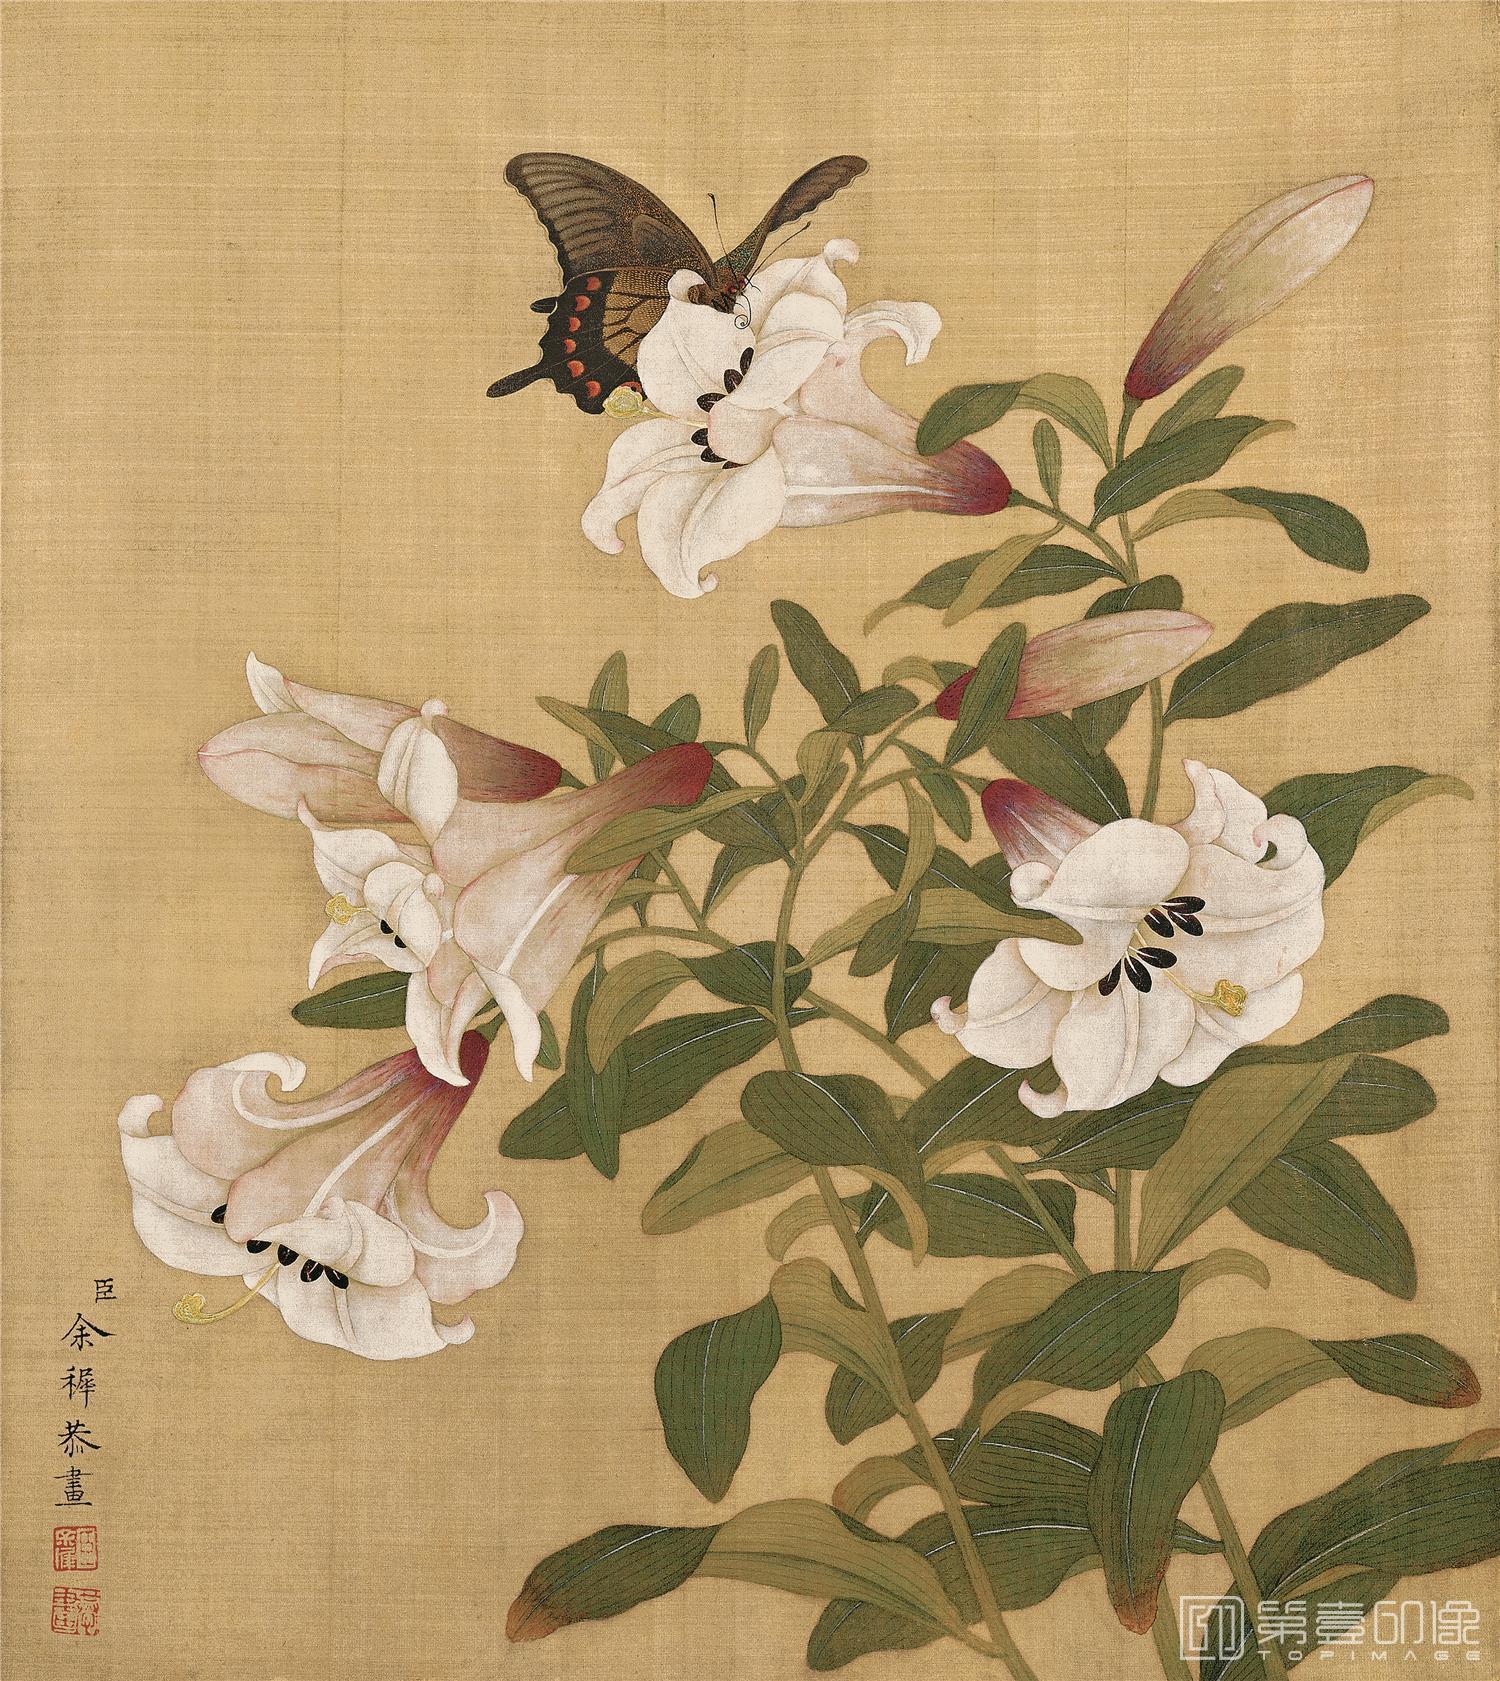 国画-国画-清-余稚-花鸟册-绢本-001-33x37cm